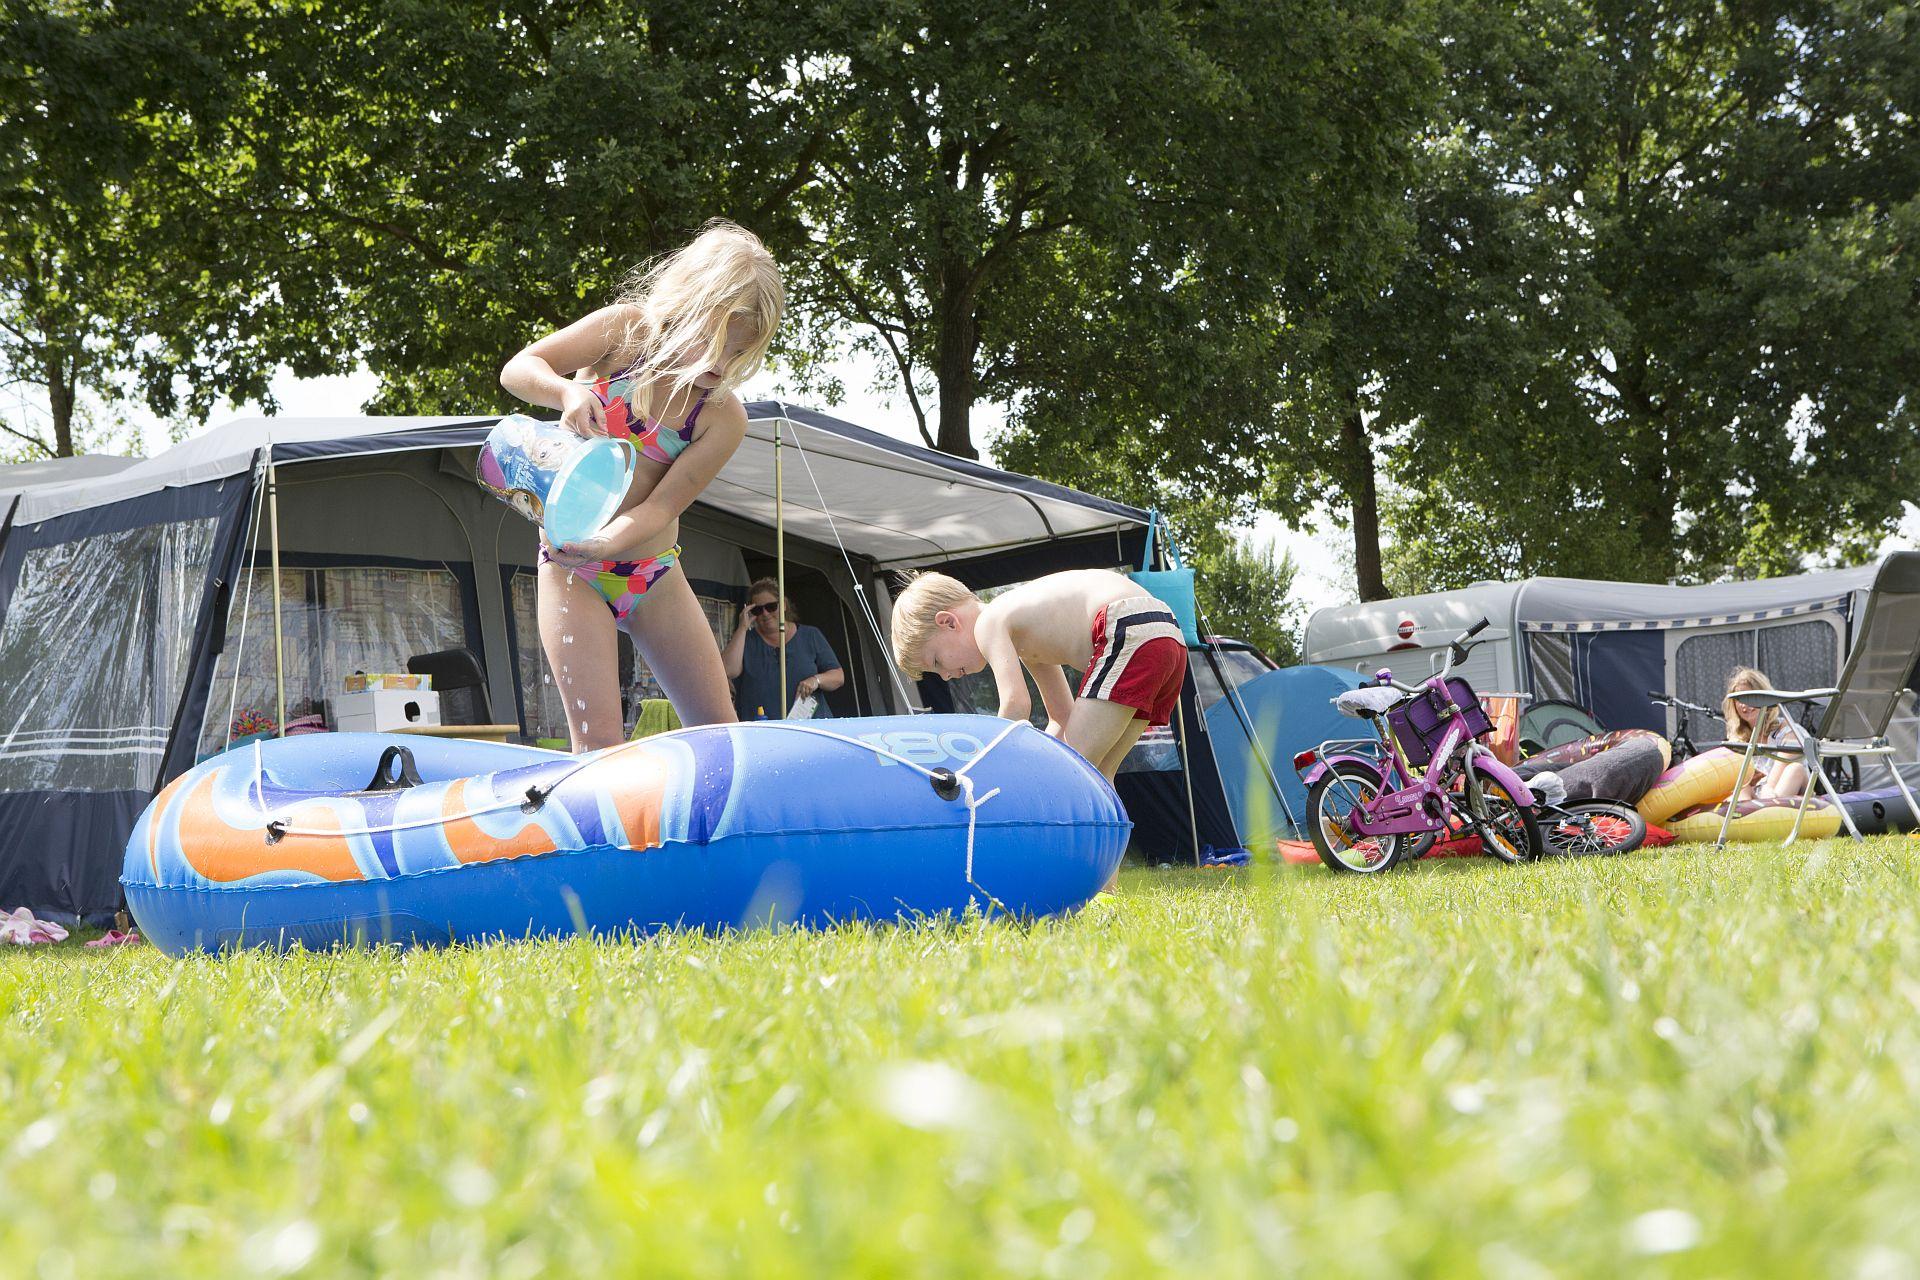 Vakantie met kleintjes op de camping aan het strand - vakantie met kleintjes op de camping